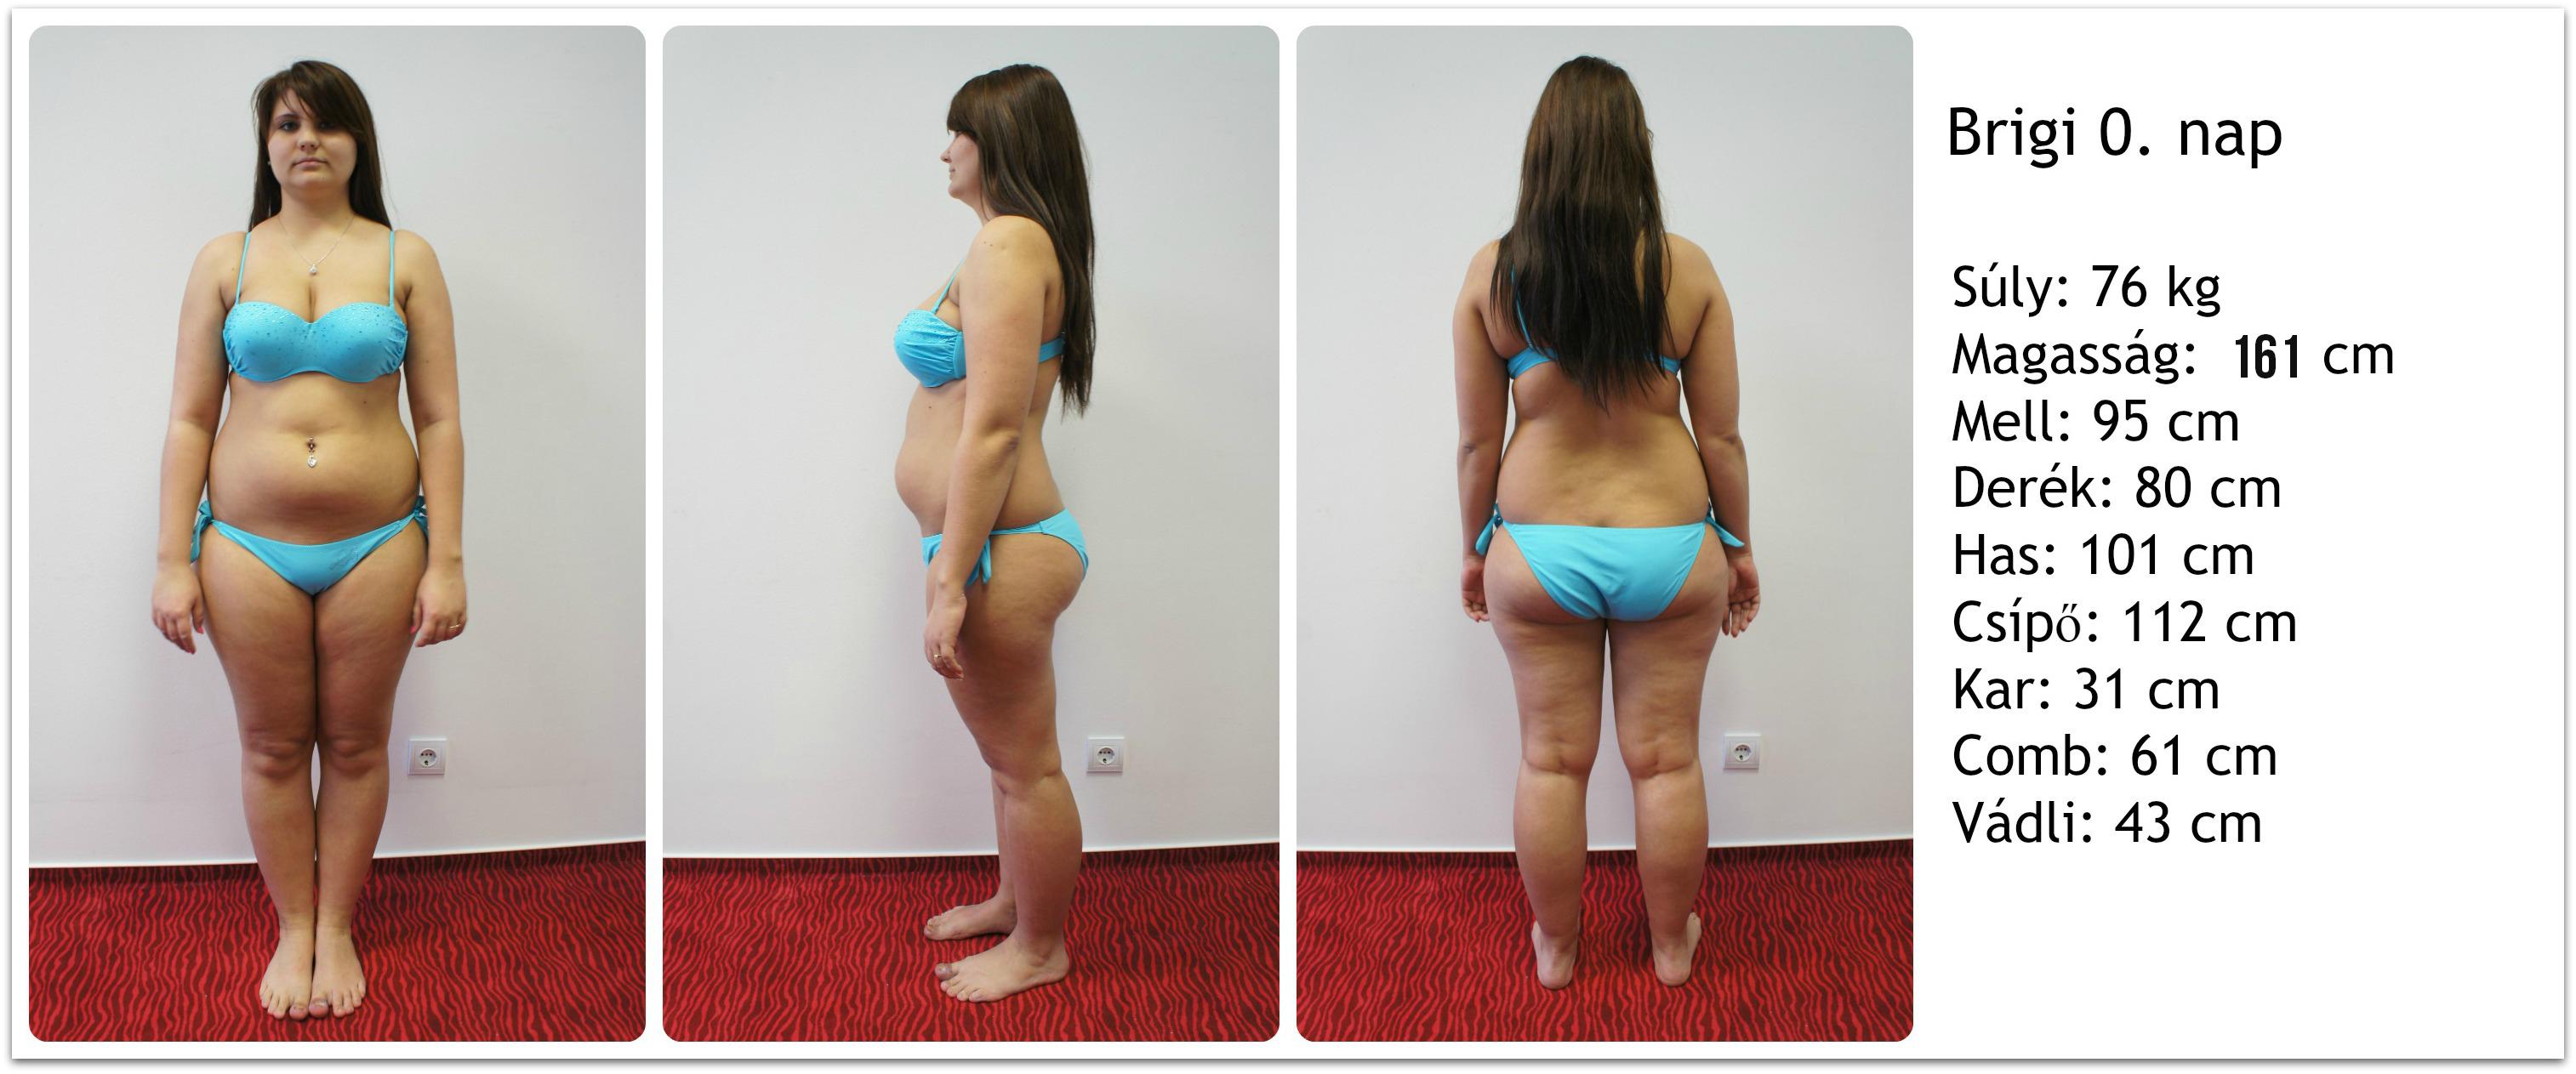 hogyan lehet zsírégetni egy hónapon belül